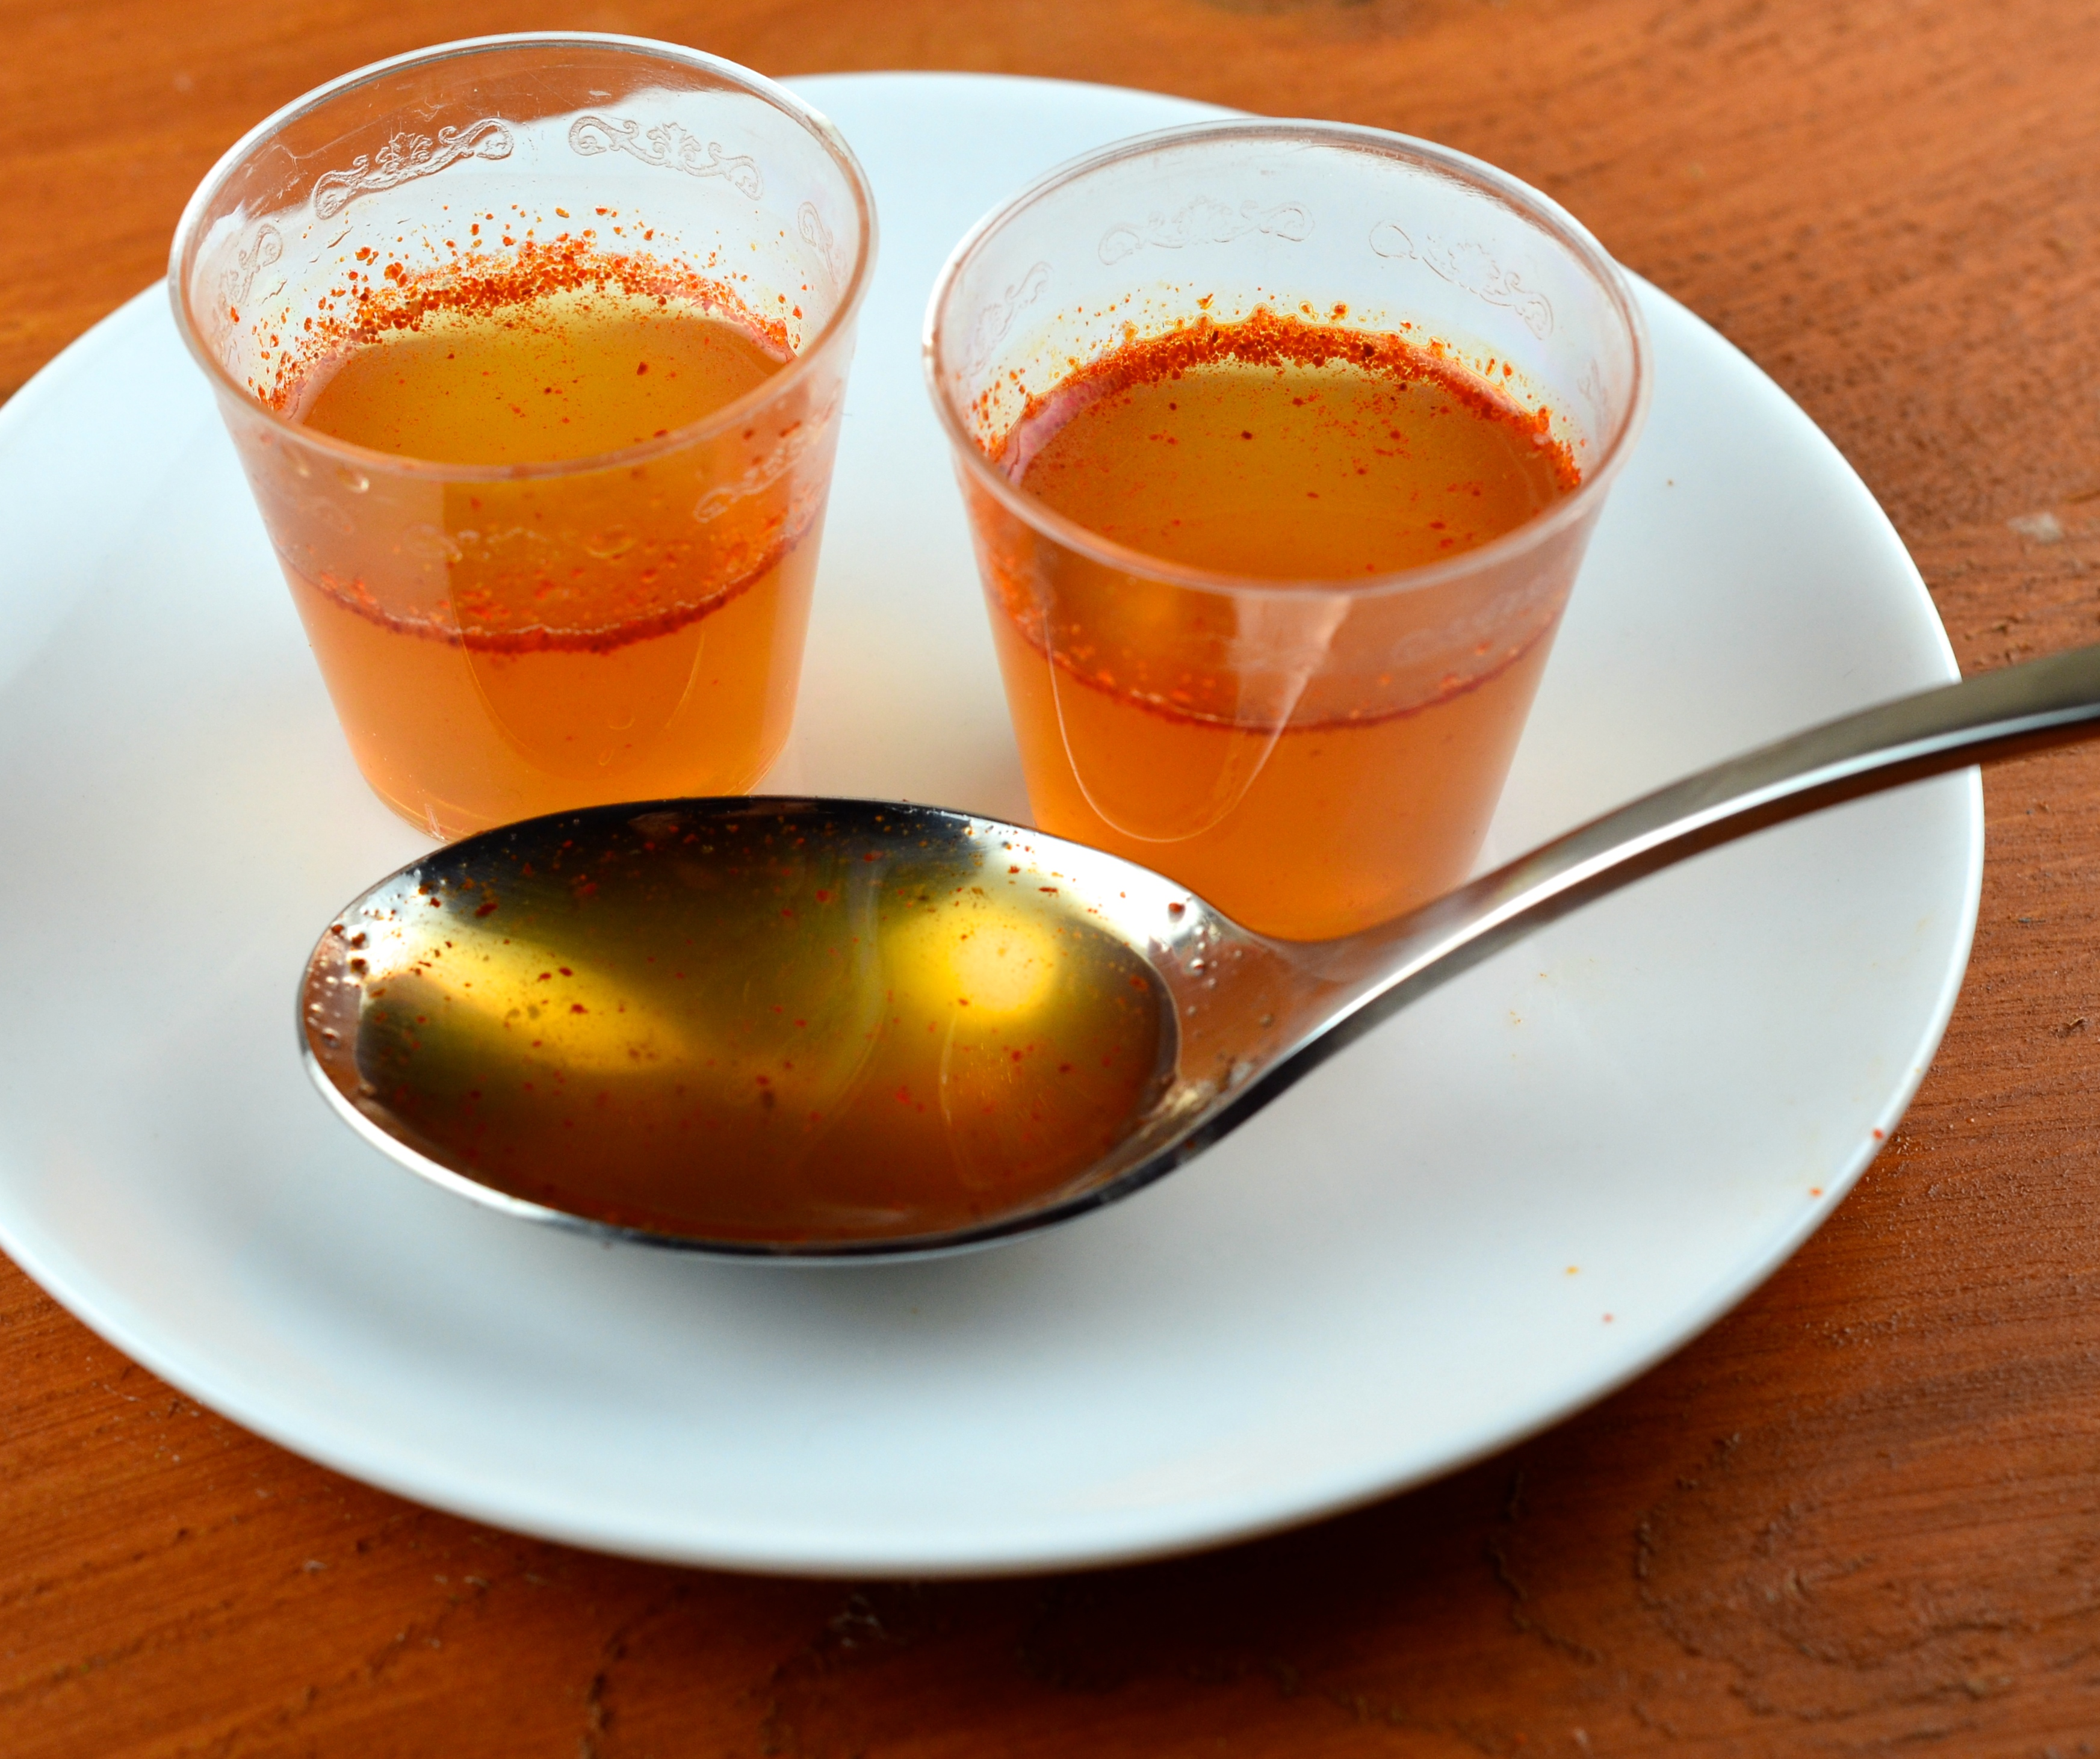 Homemade Cough Medicine